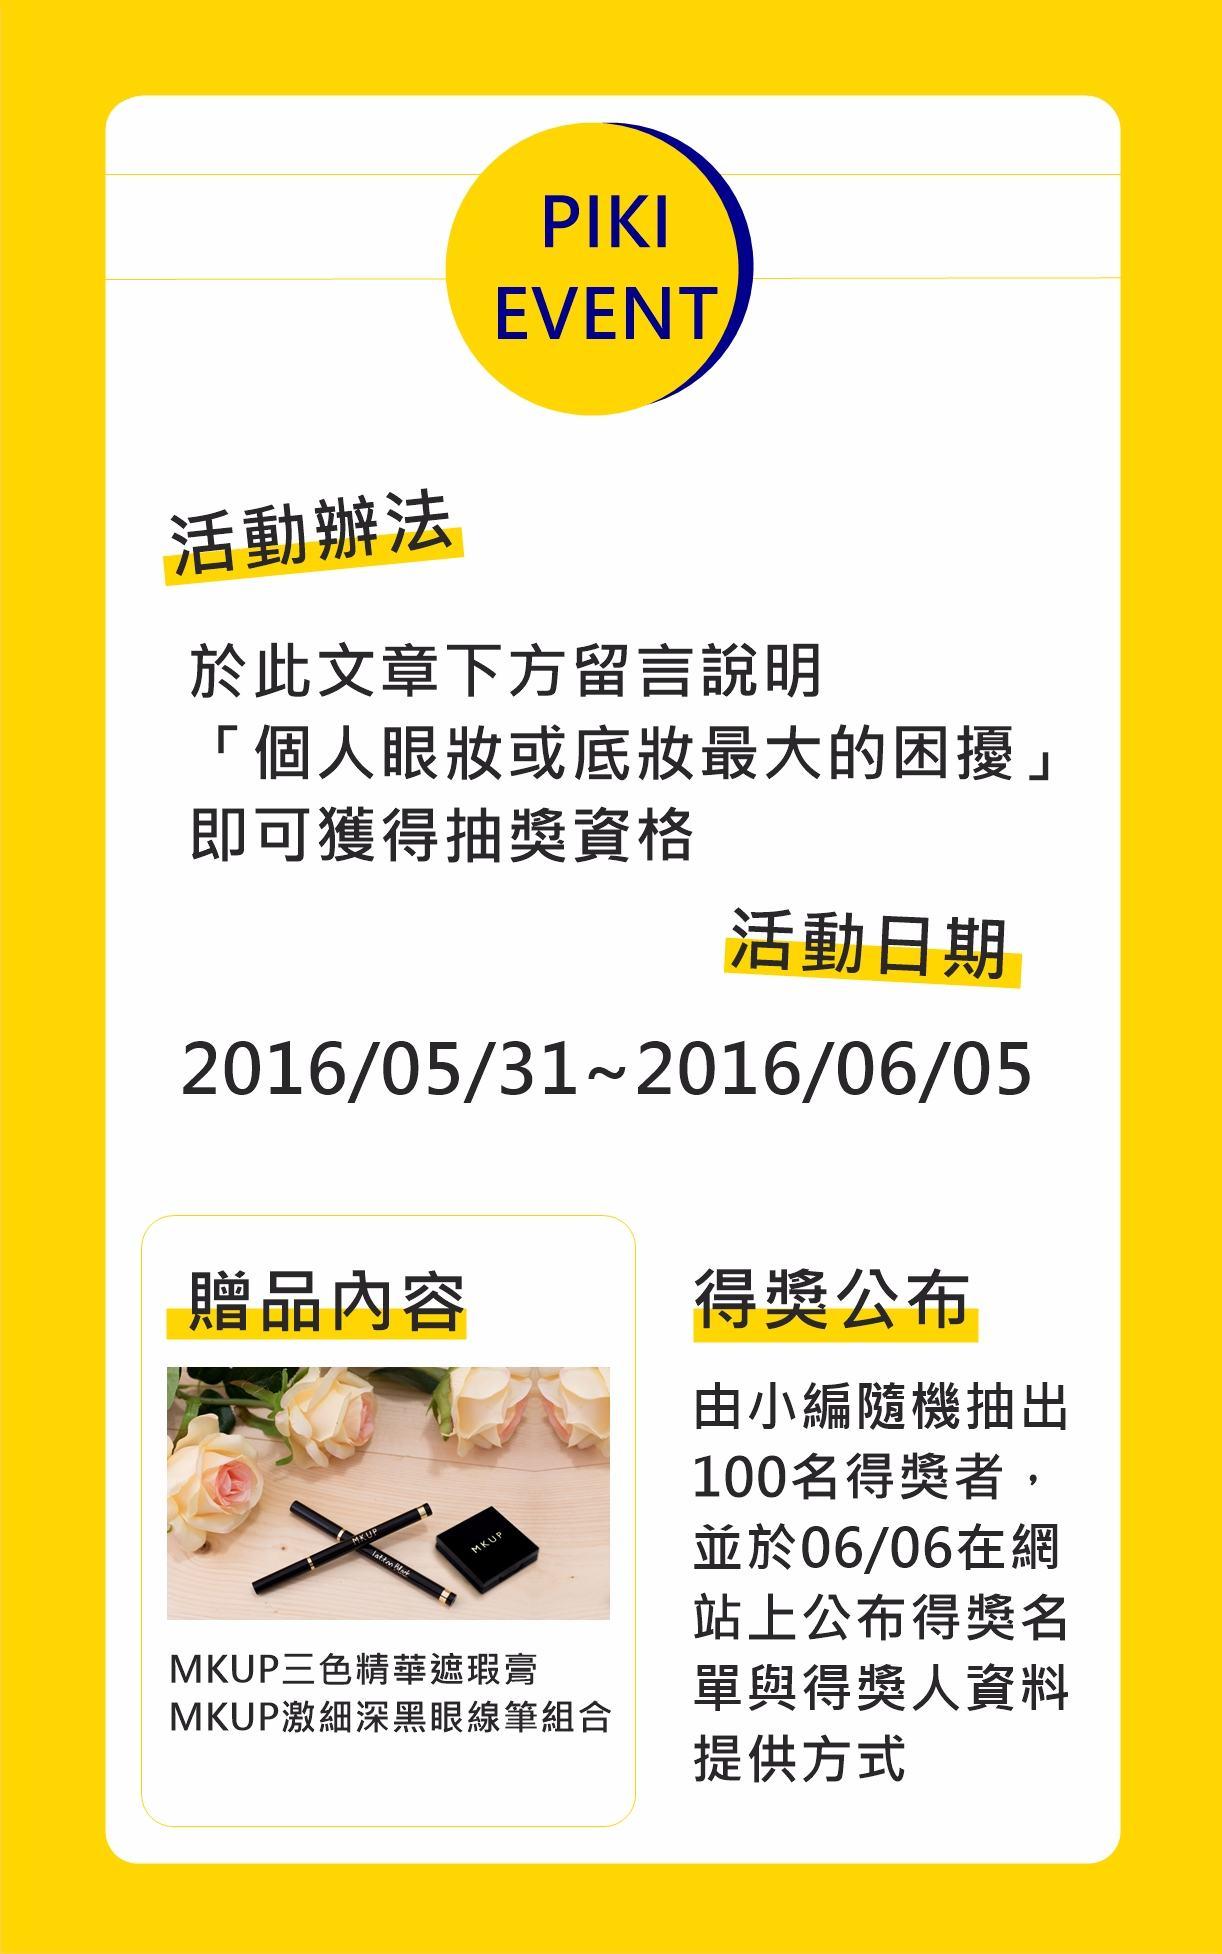 *本活動僅限台灣地區